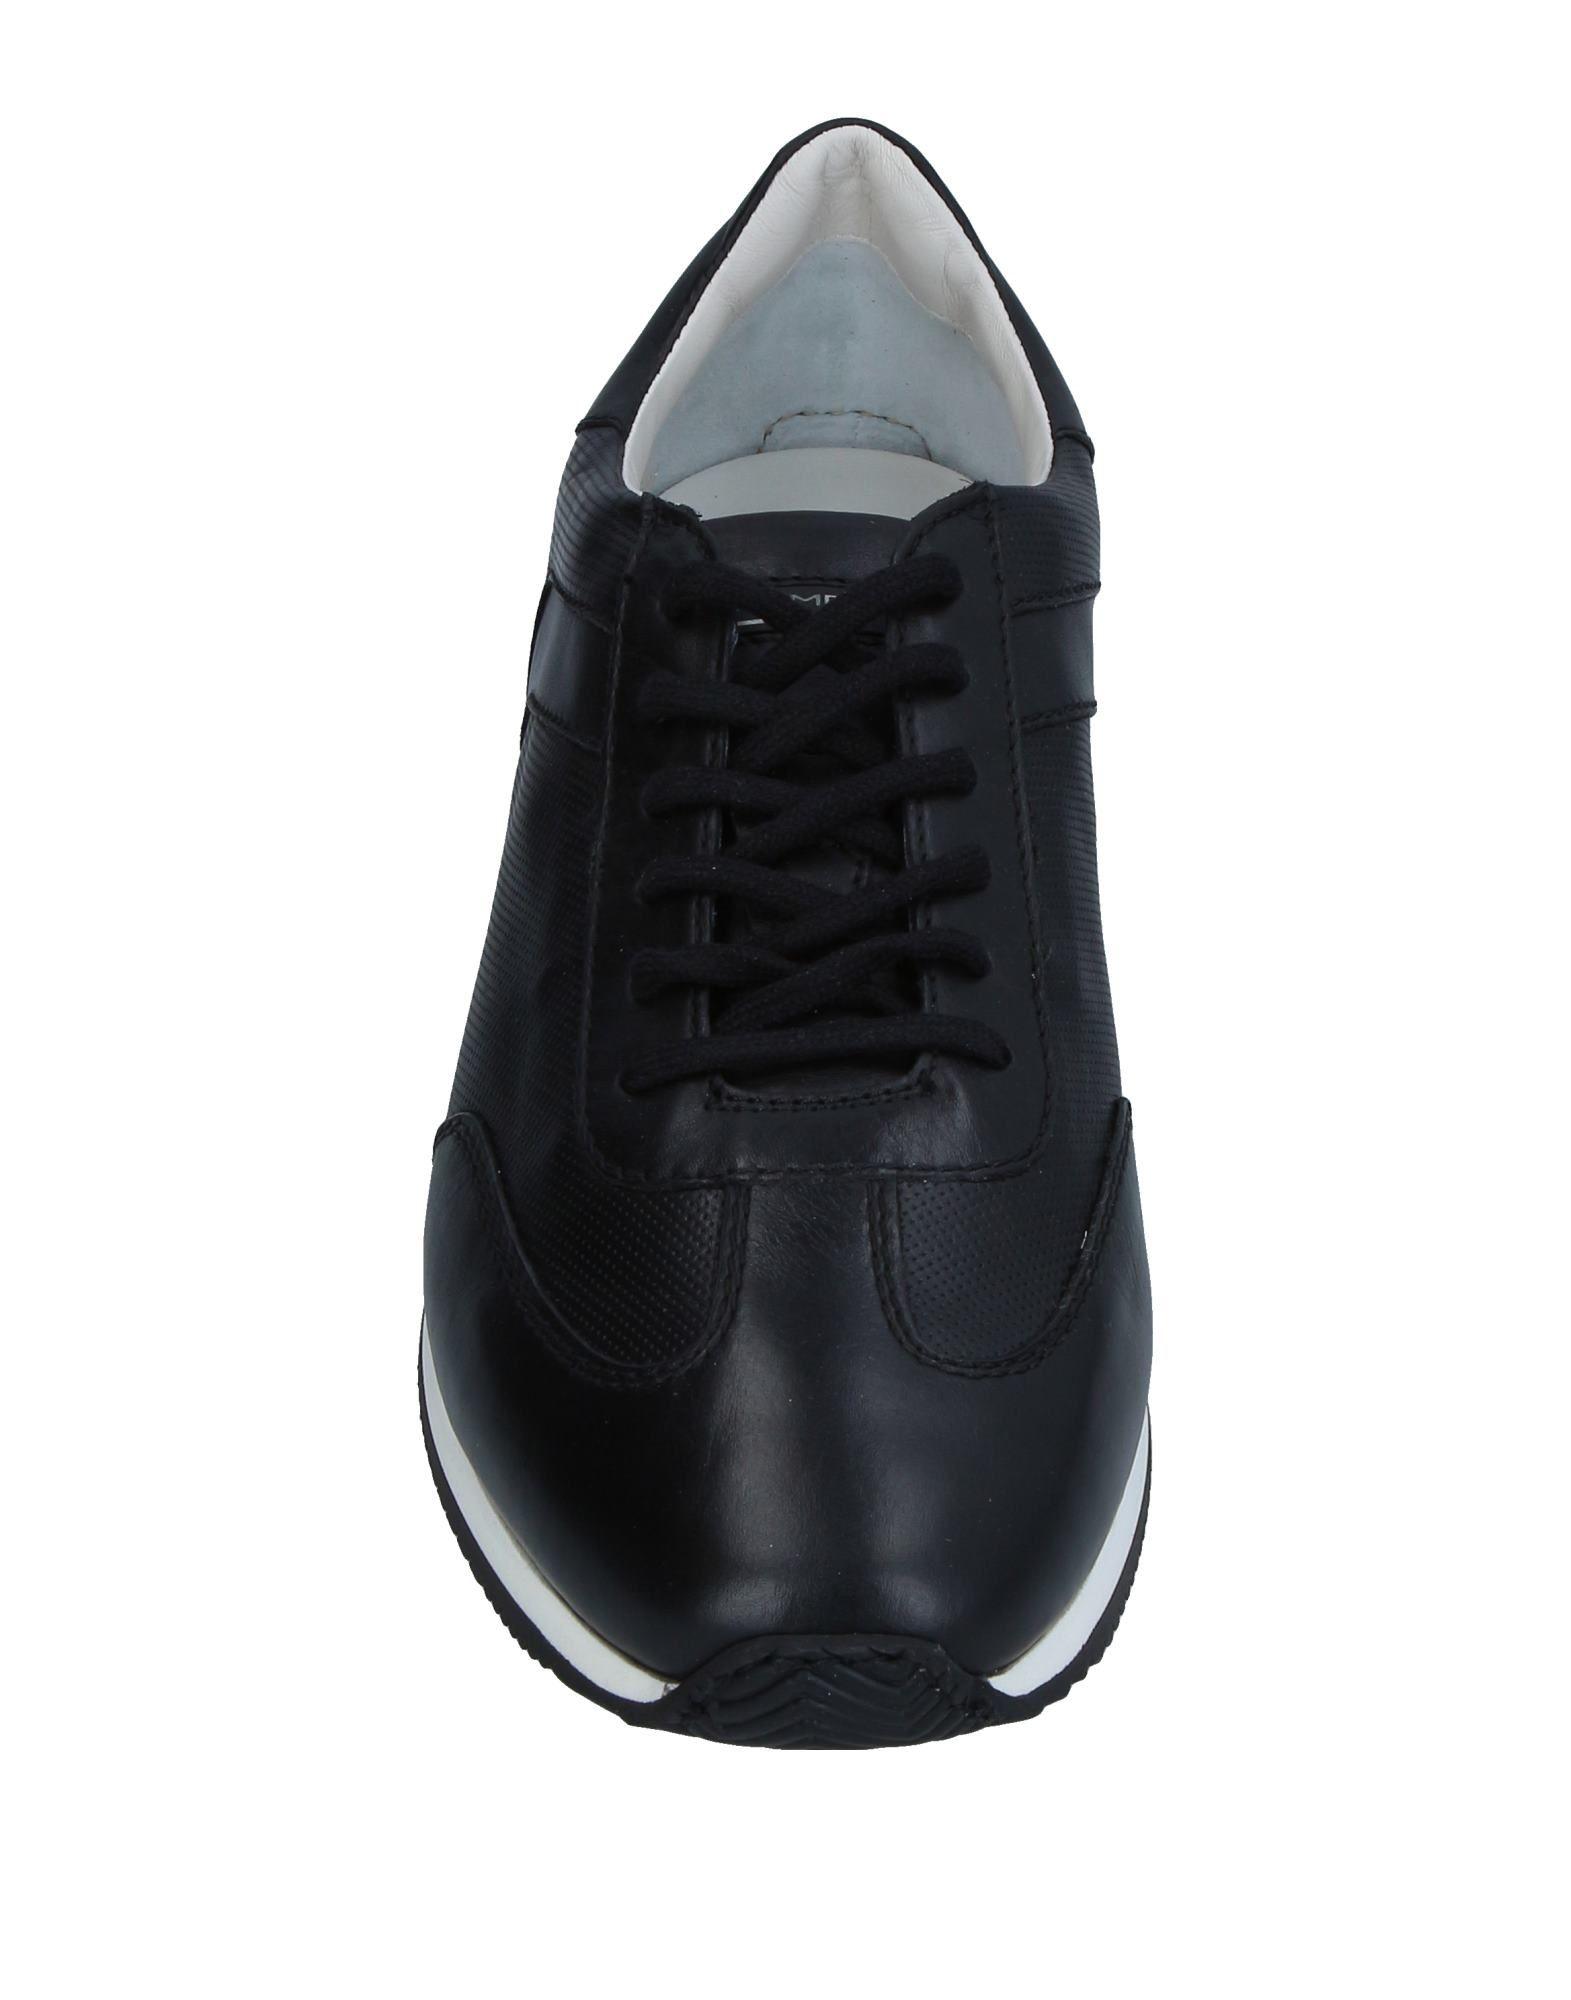 Santoni Sneakers Herren Qualität  11319495VW Gute Qualität Herren beliebte Schuhe 1c947d